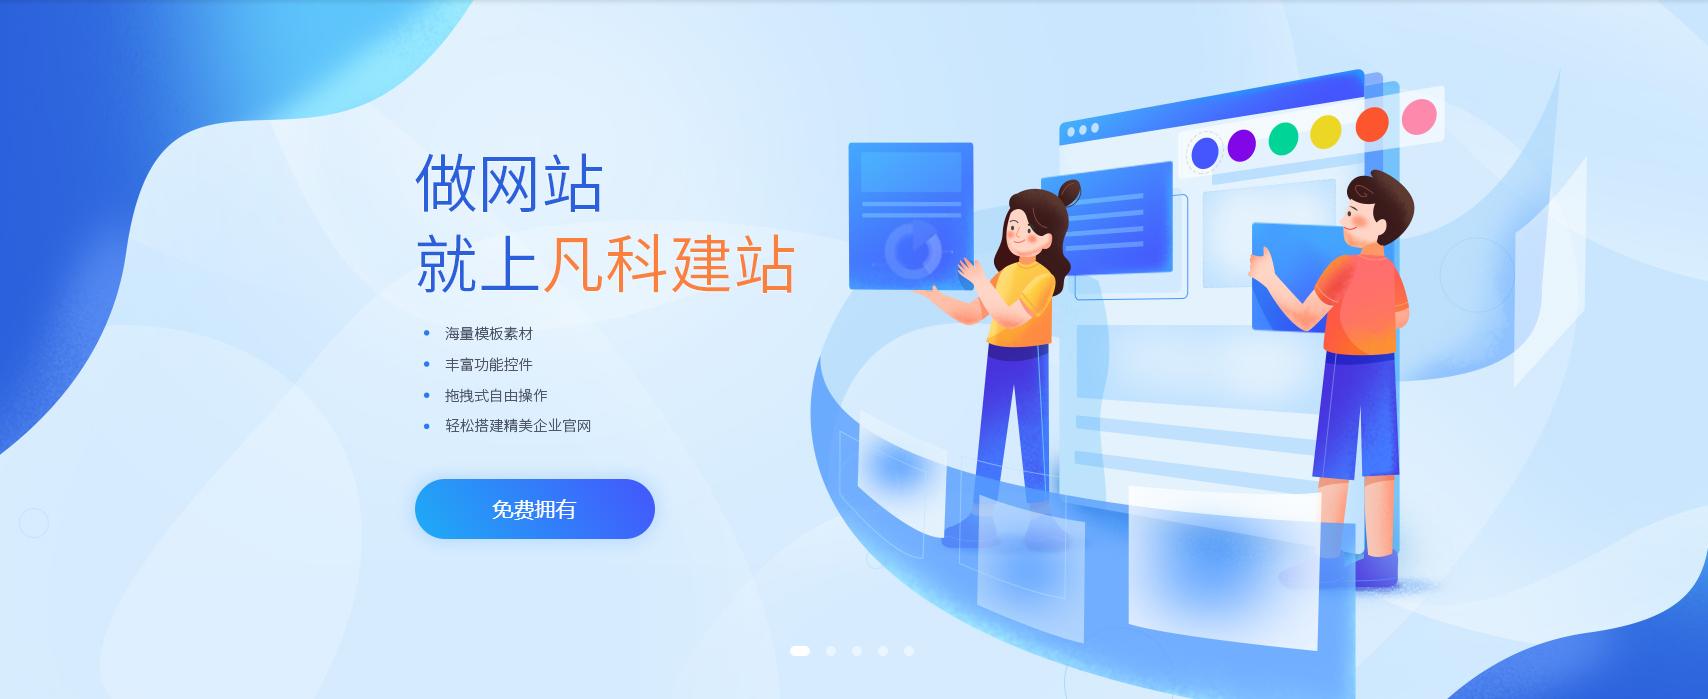 企业网站首页设计